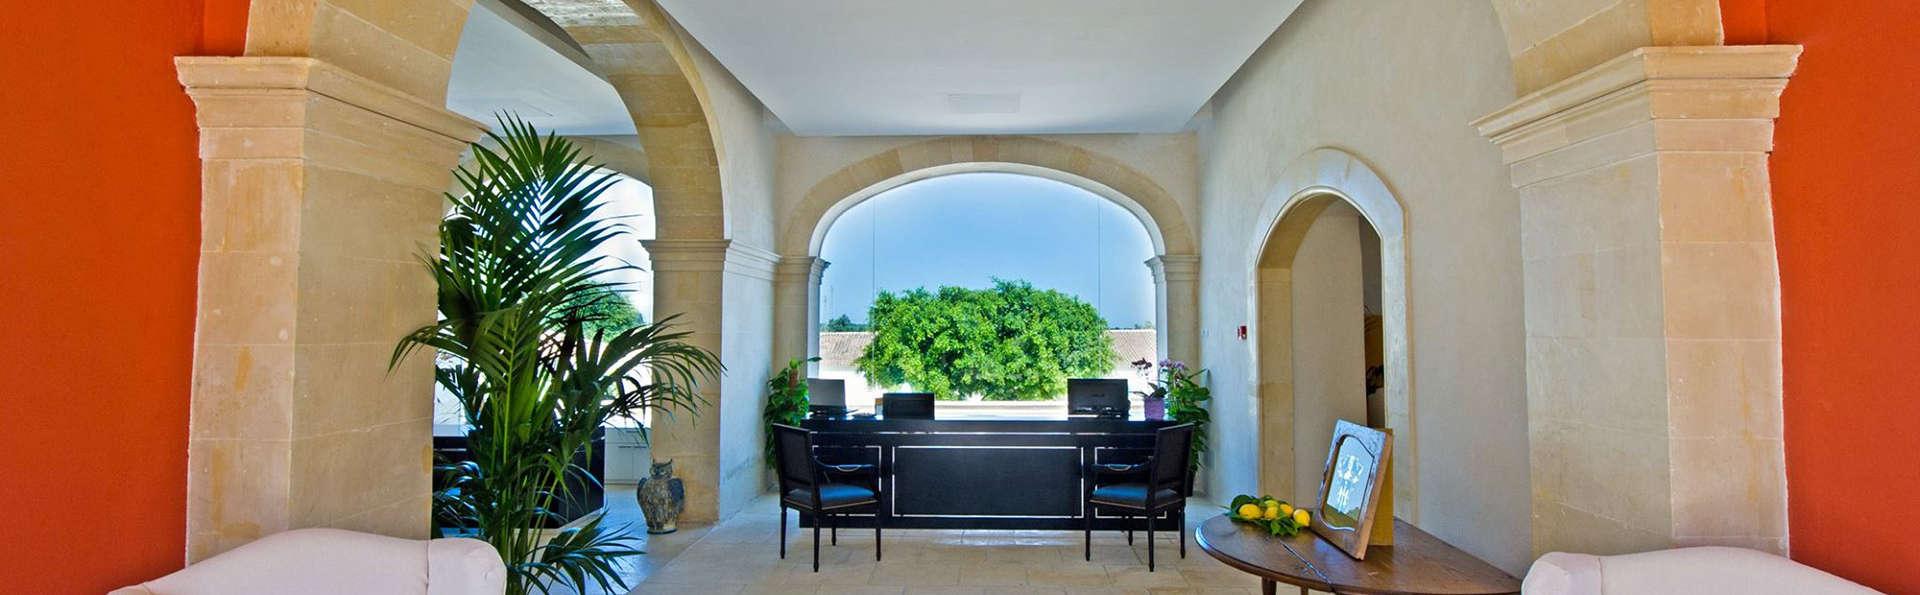 Relax in un resort 5* in una cornice unica alle porte di Siracusa con SPA